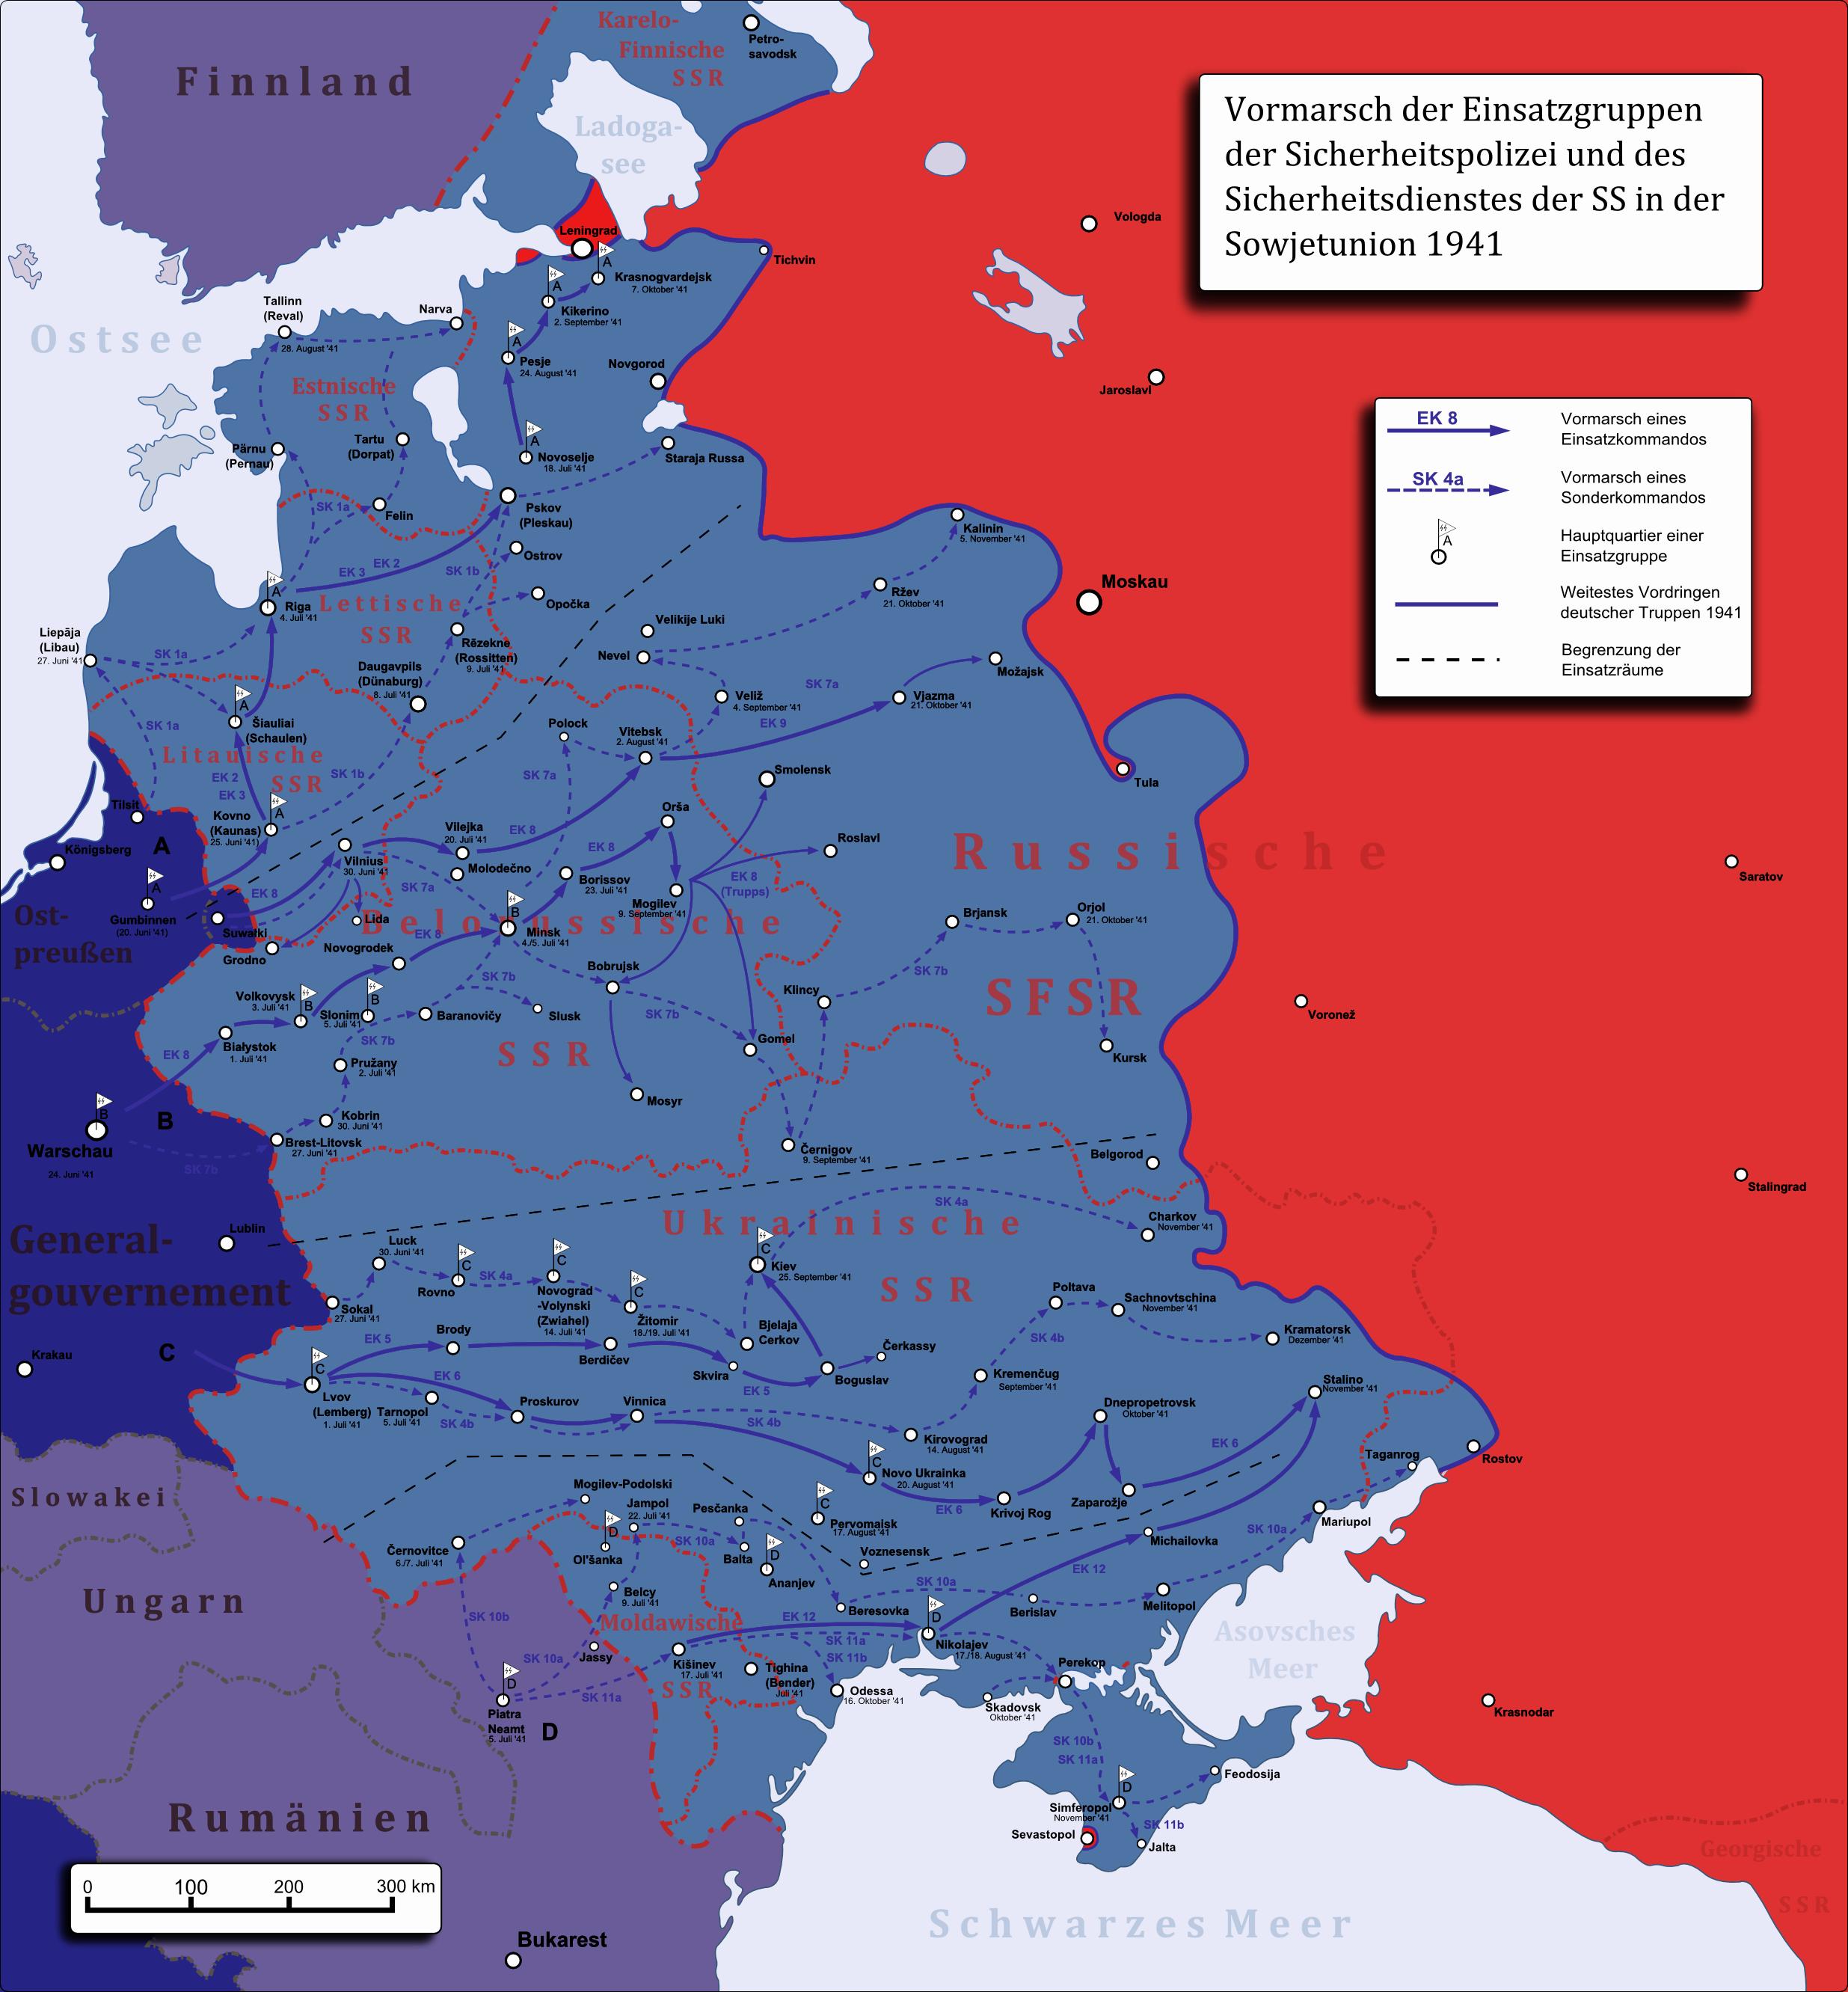 Einsatzgruppen der Sicherheitspolizei und des SD – Wikipedia